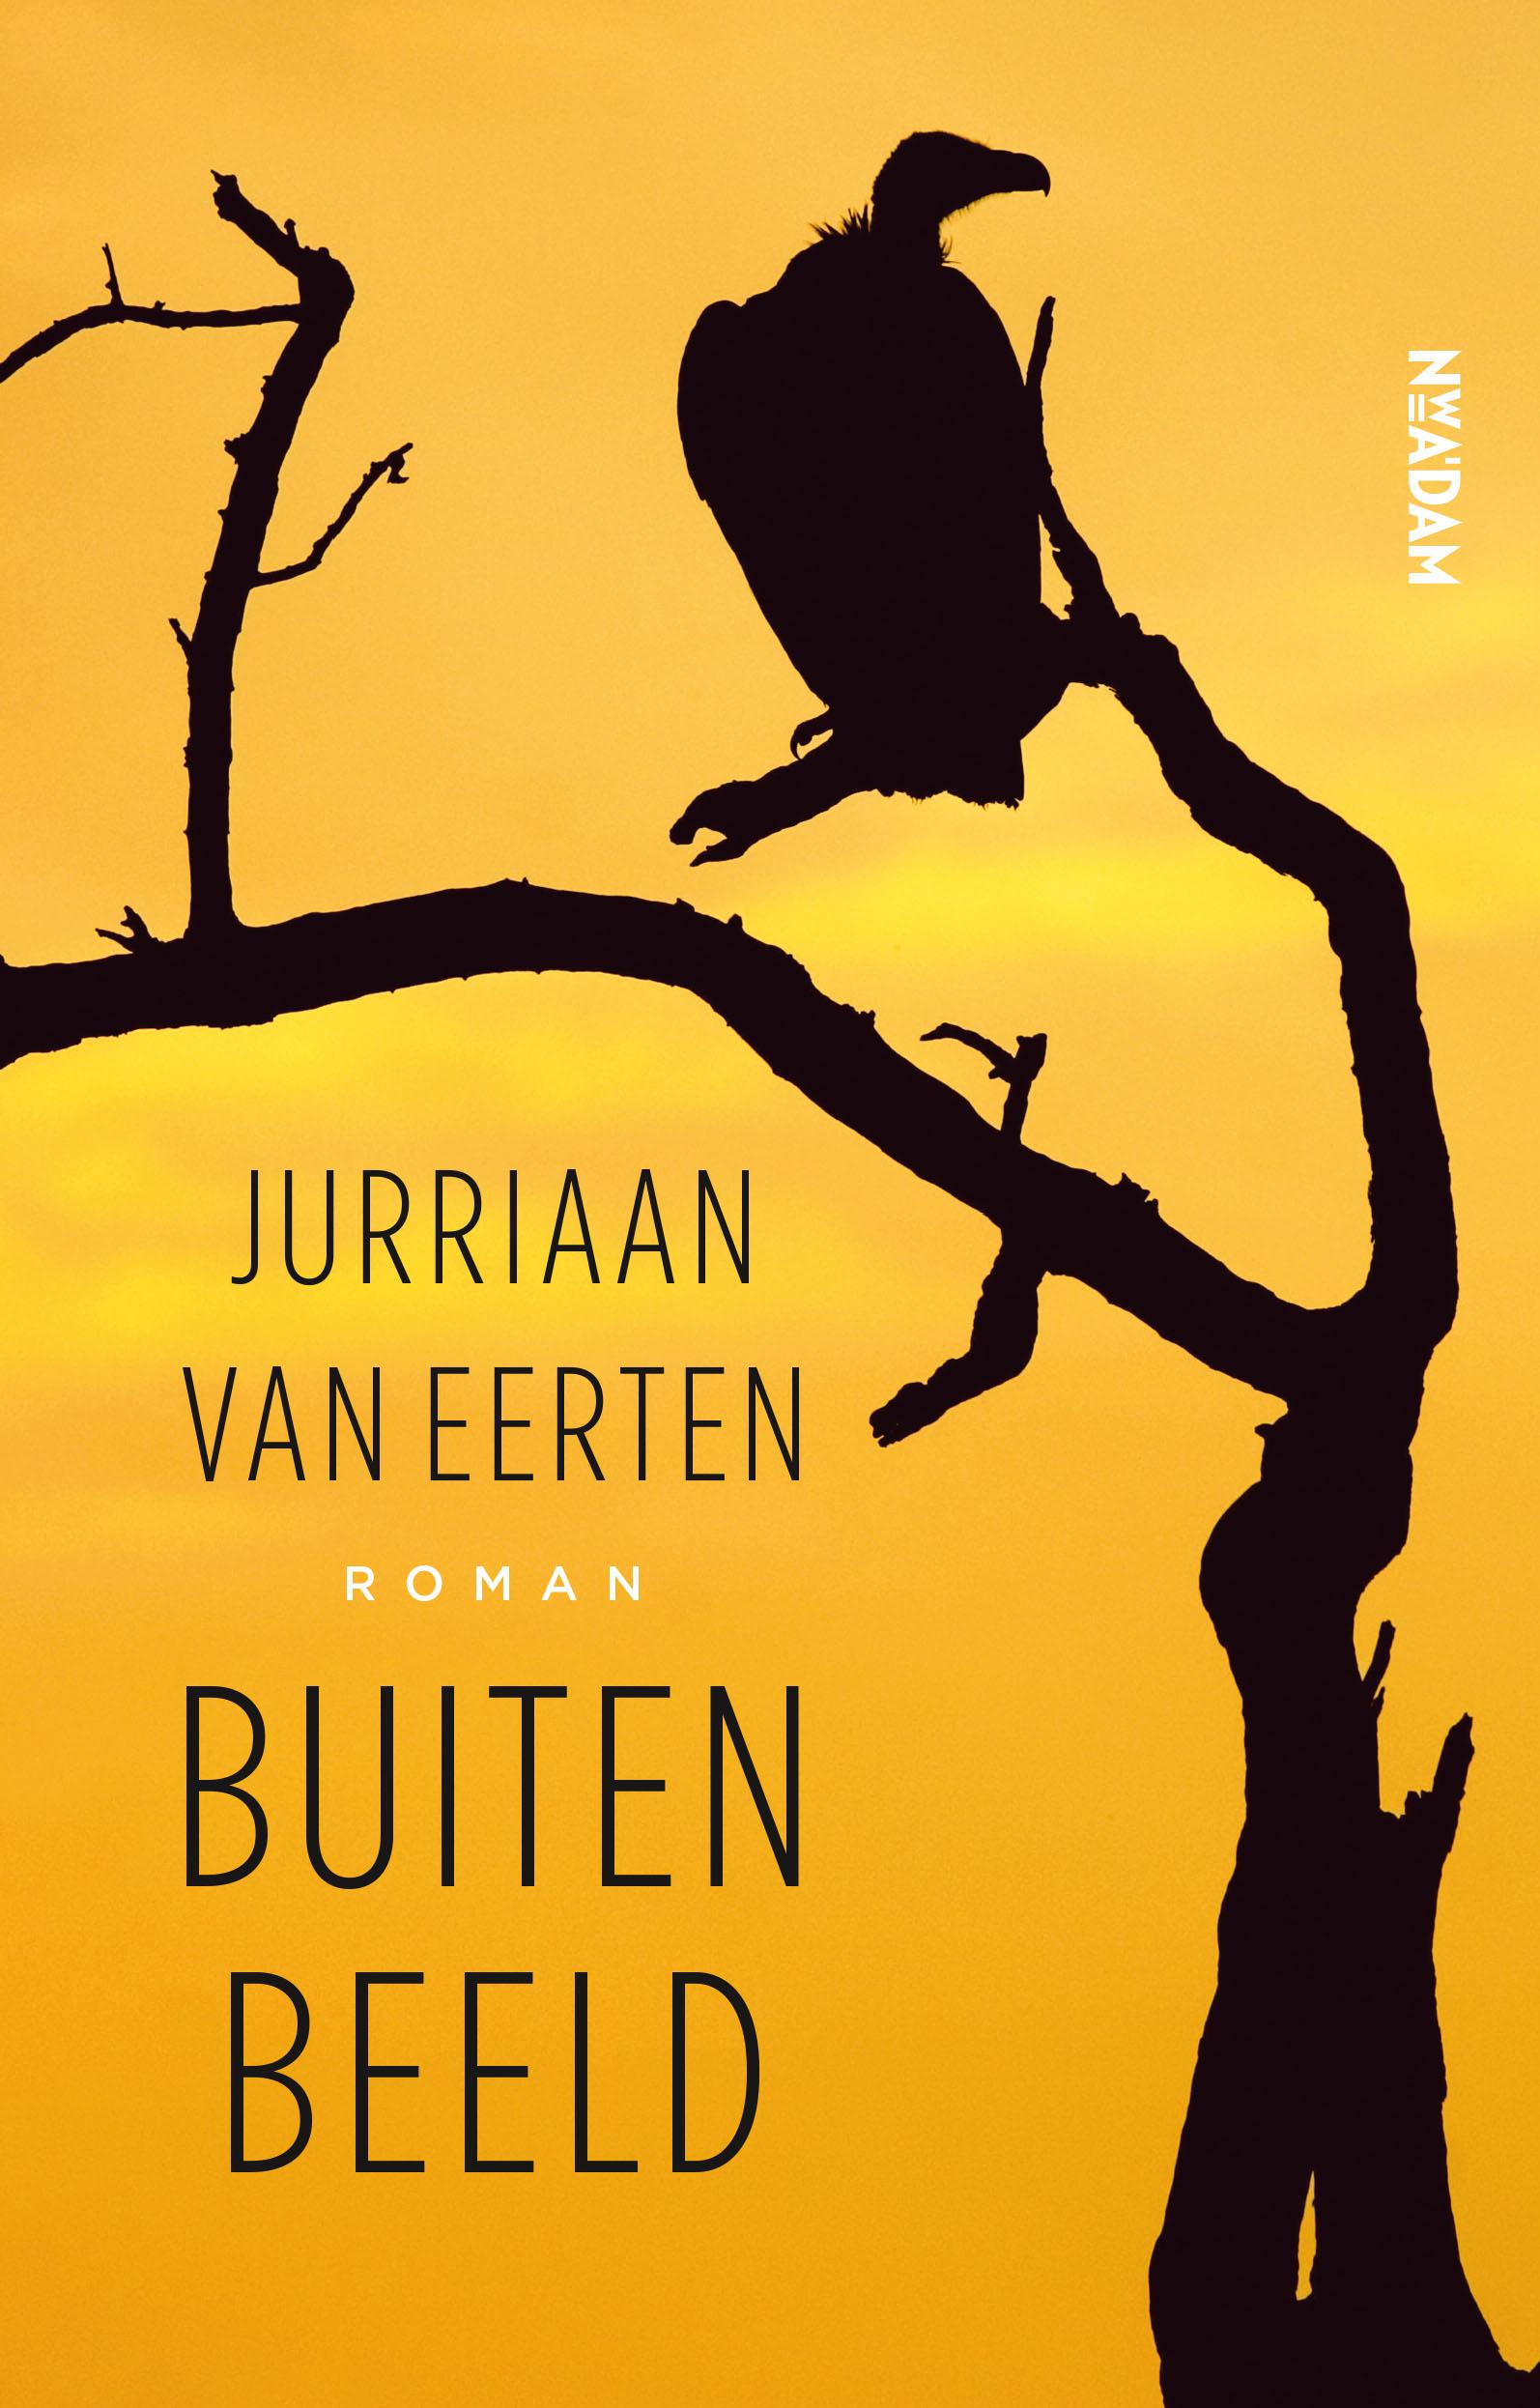 Buiten beeld - boekenflits.nl